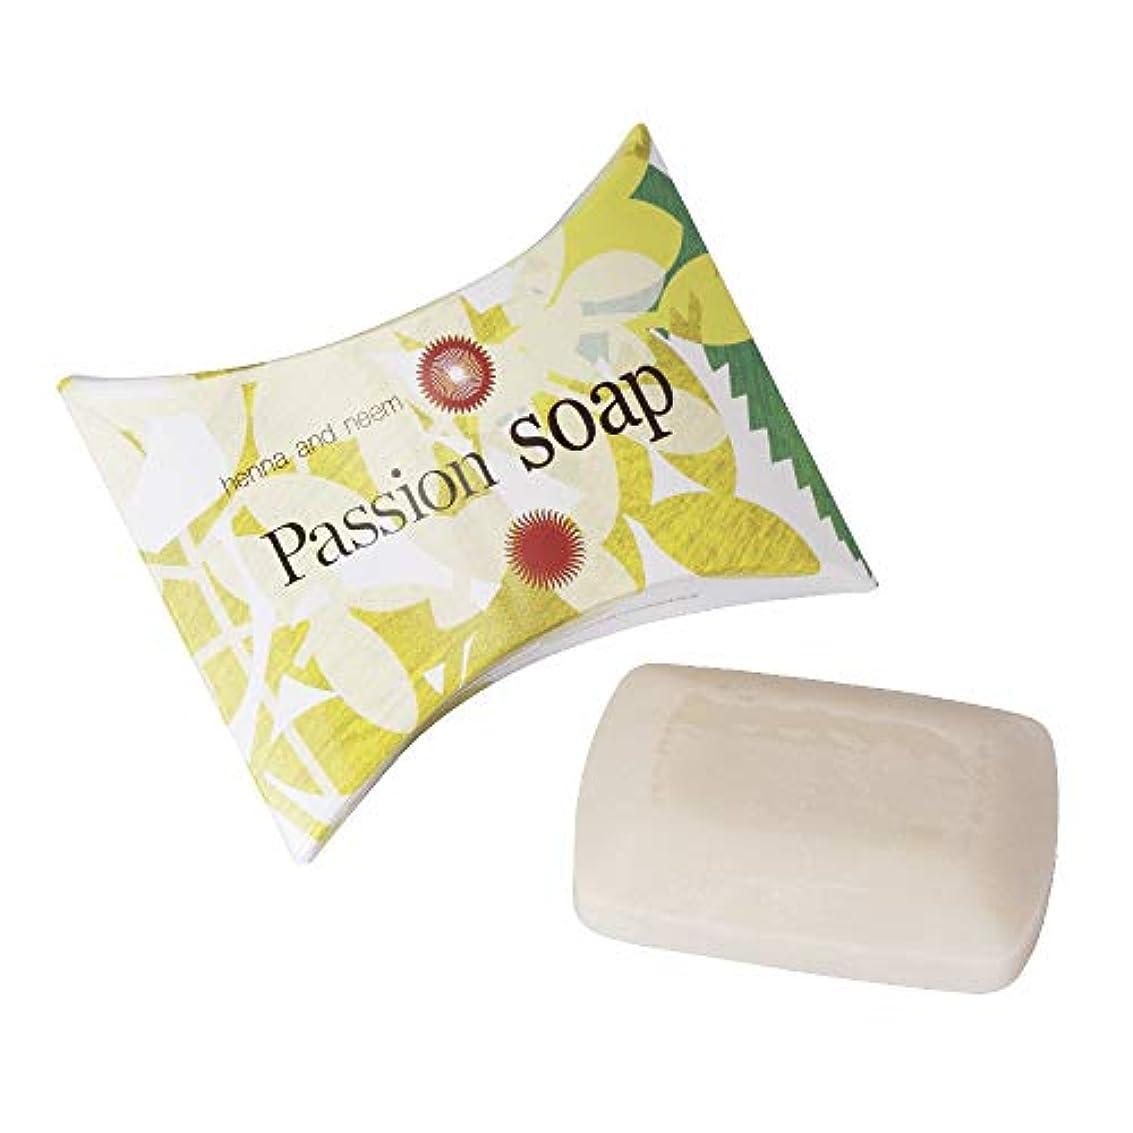 マンモス非行敬意ヘナソープ PASSION SOAP 天然サポニンで洗う優しいハーブ石鹸